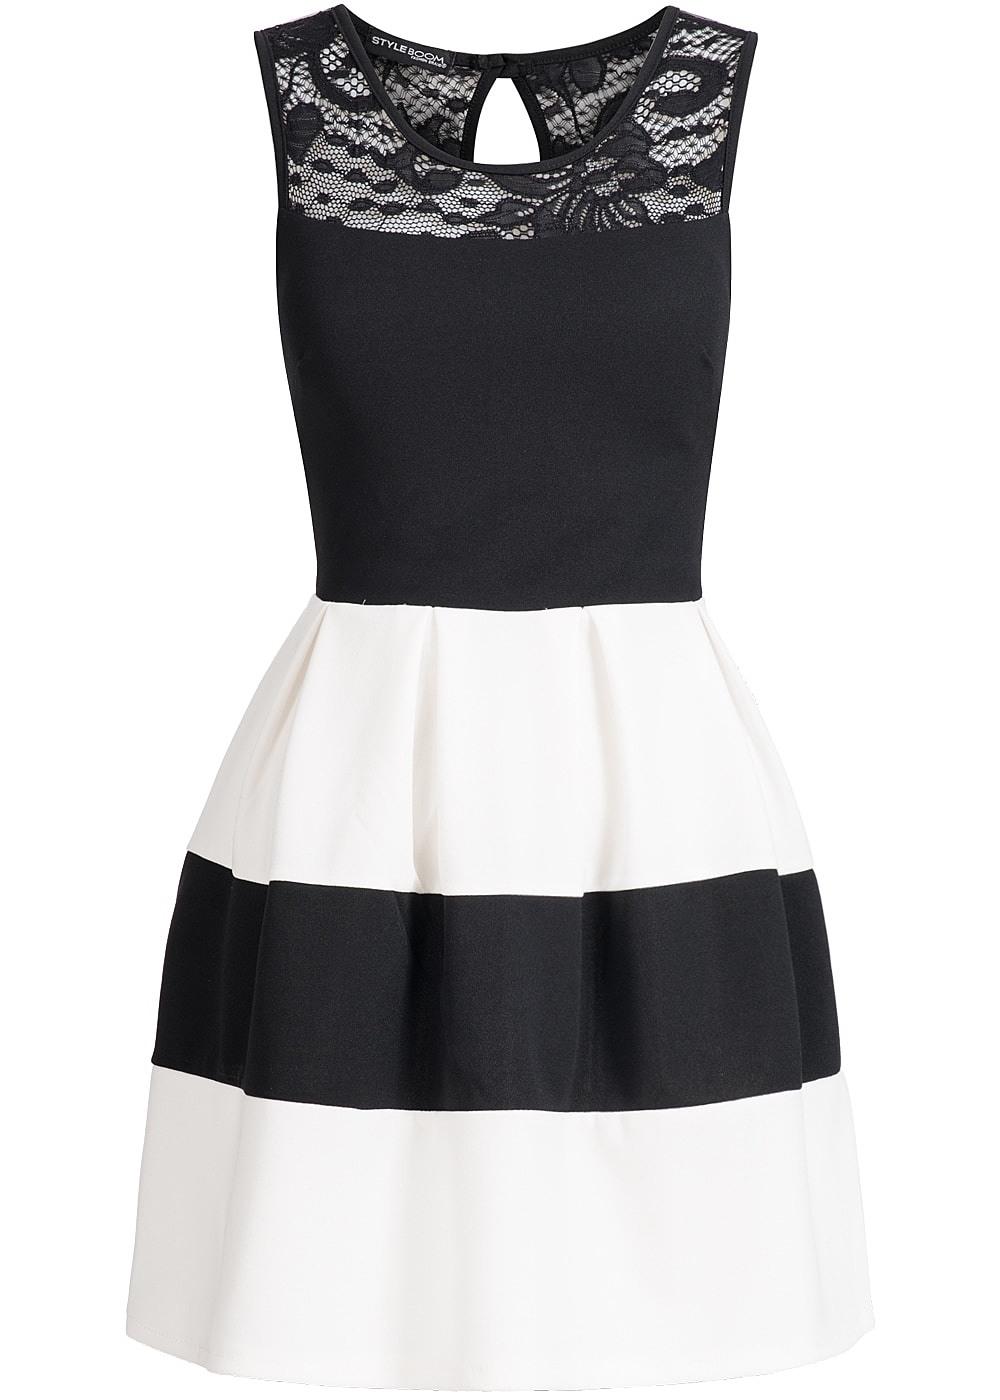 Abend Schön Damen Kleid Schwarz Weiß Design20 Erstaunlich Damen Kleid Schwarz Weiß Stylish